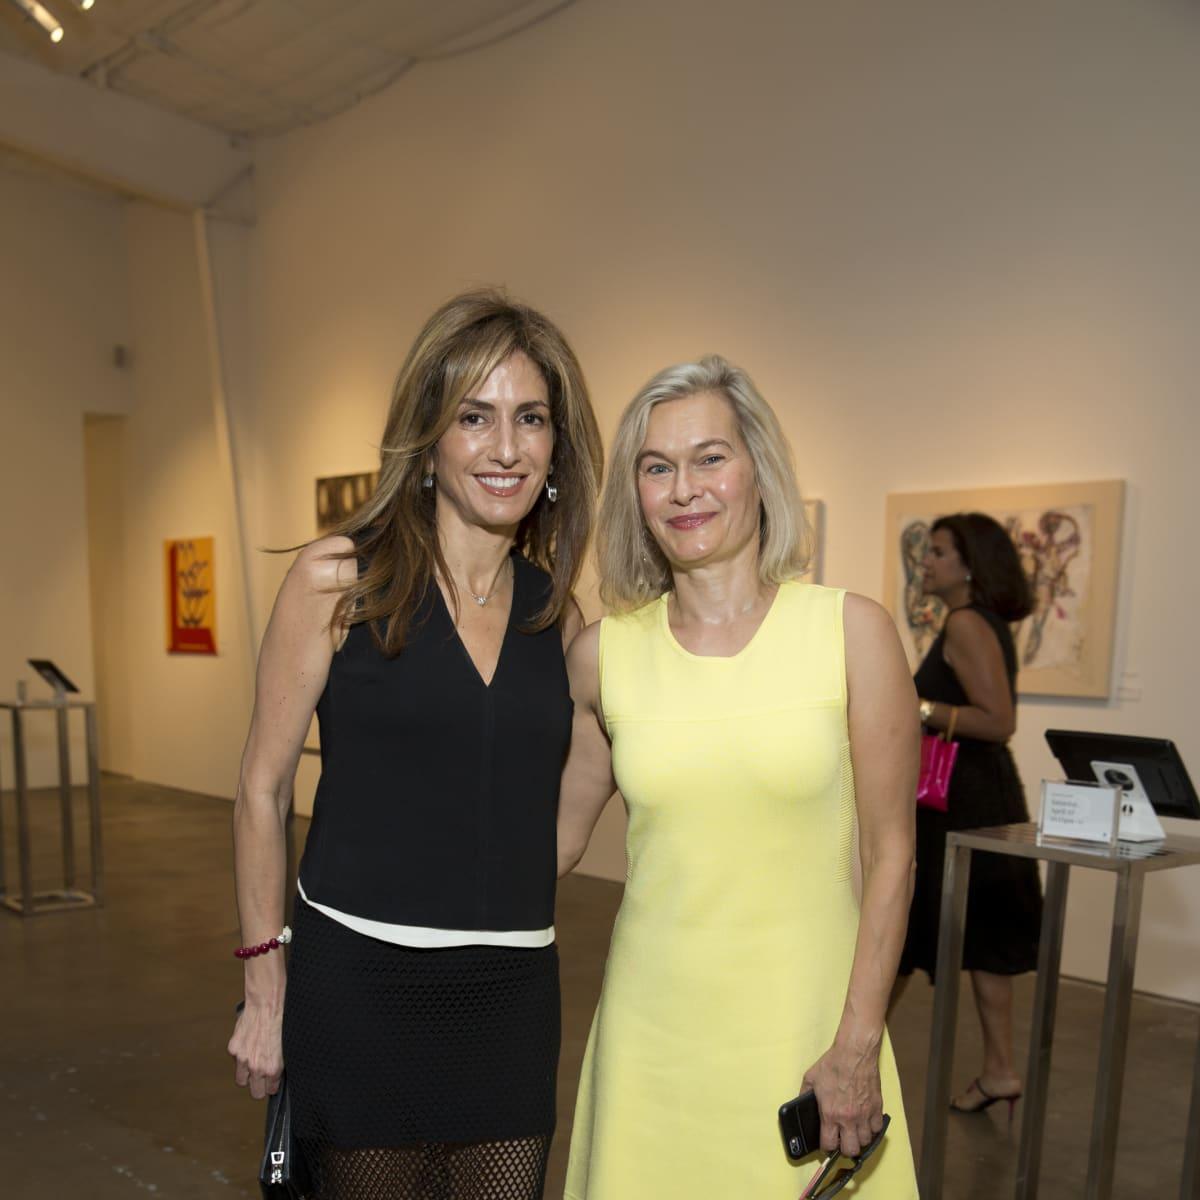 UNICEF Art Auction, 5/16 Sima Ladjevardian, Rana Abboushi